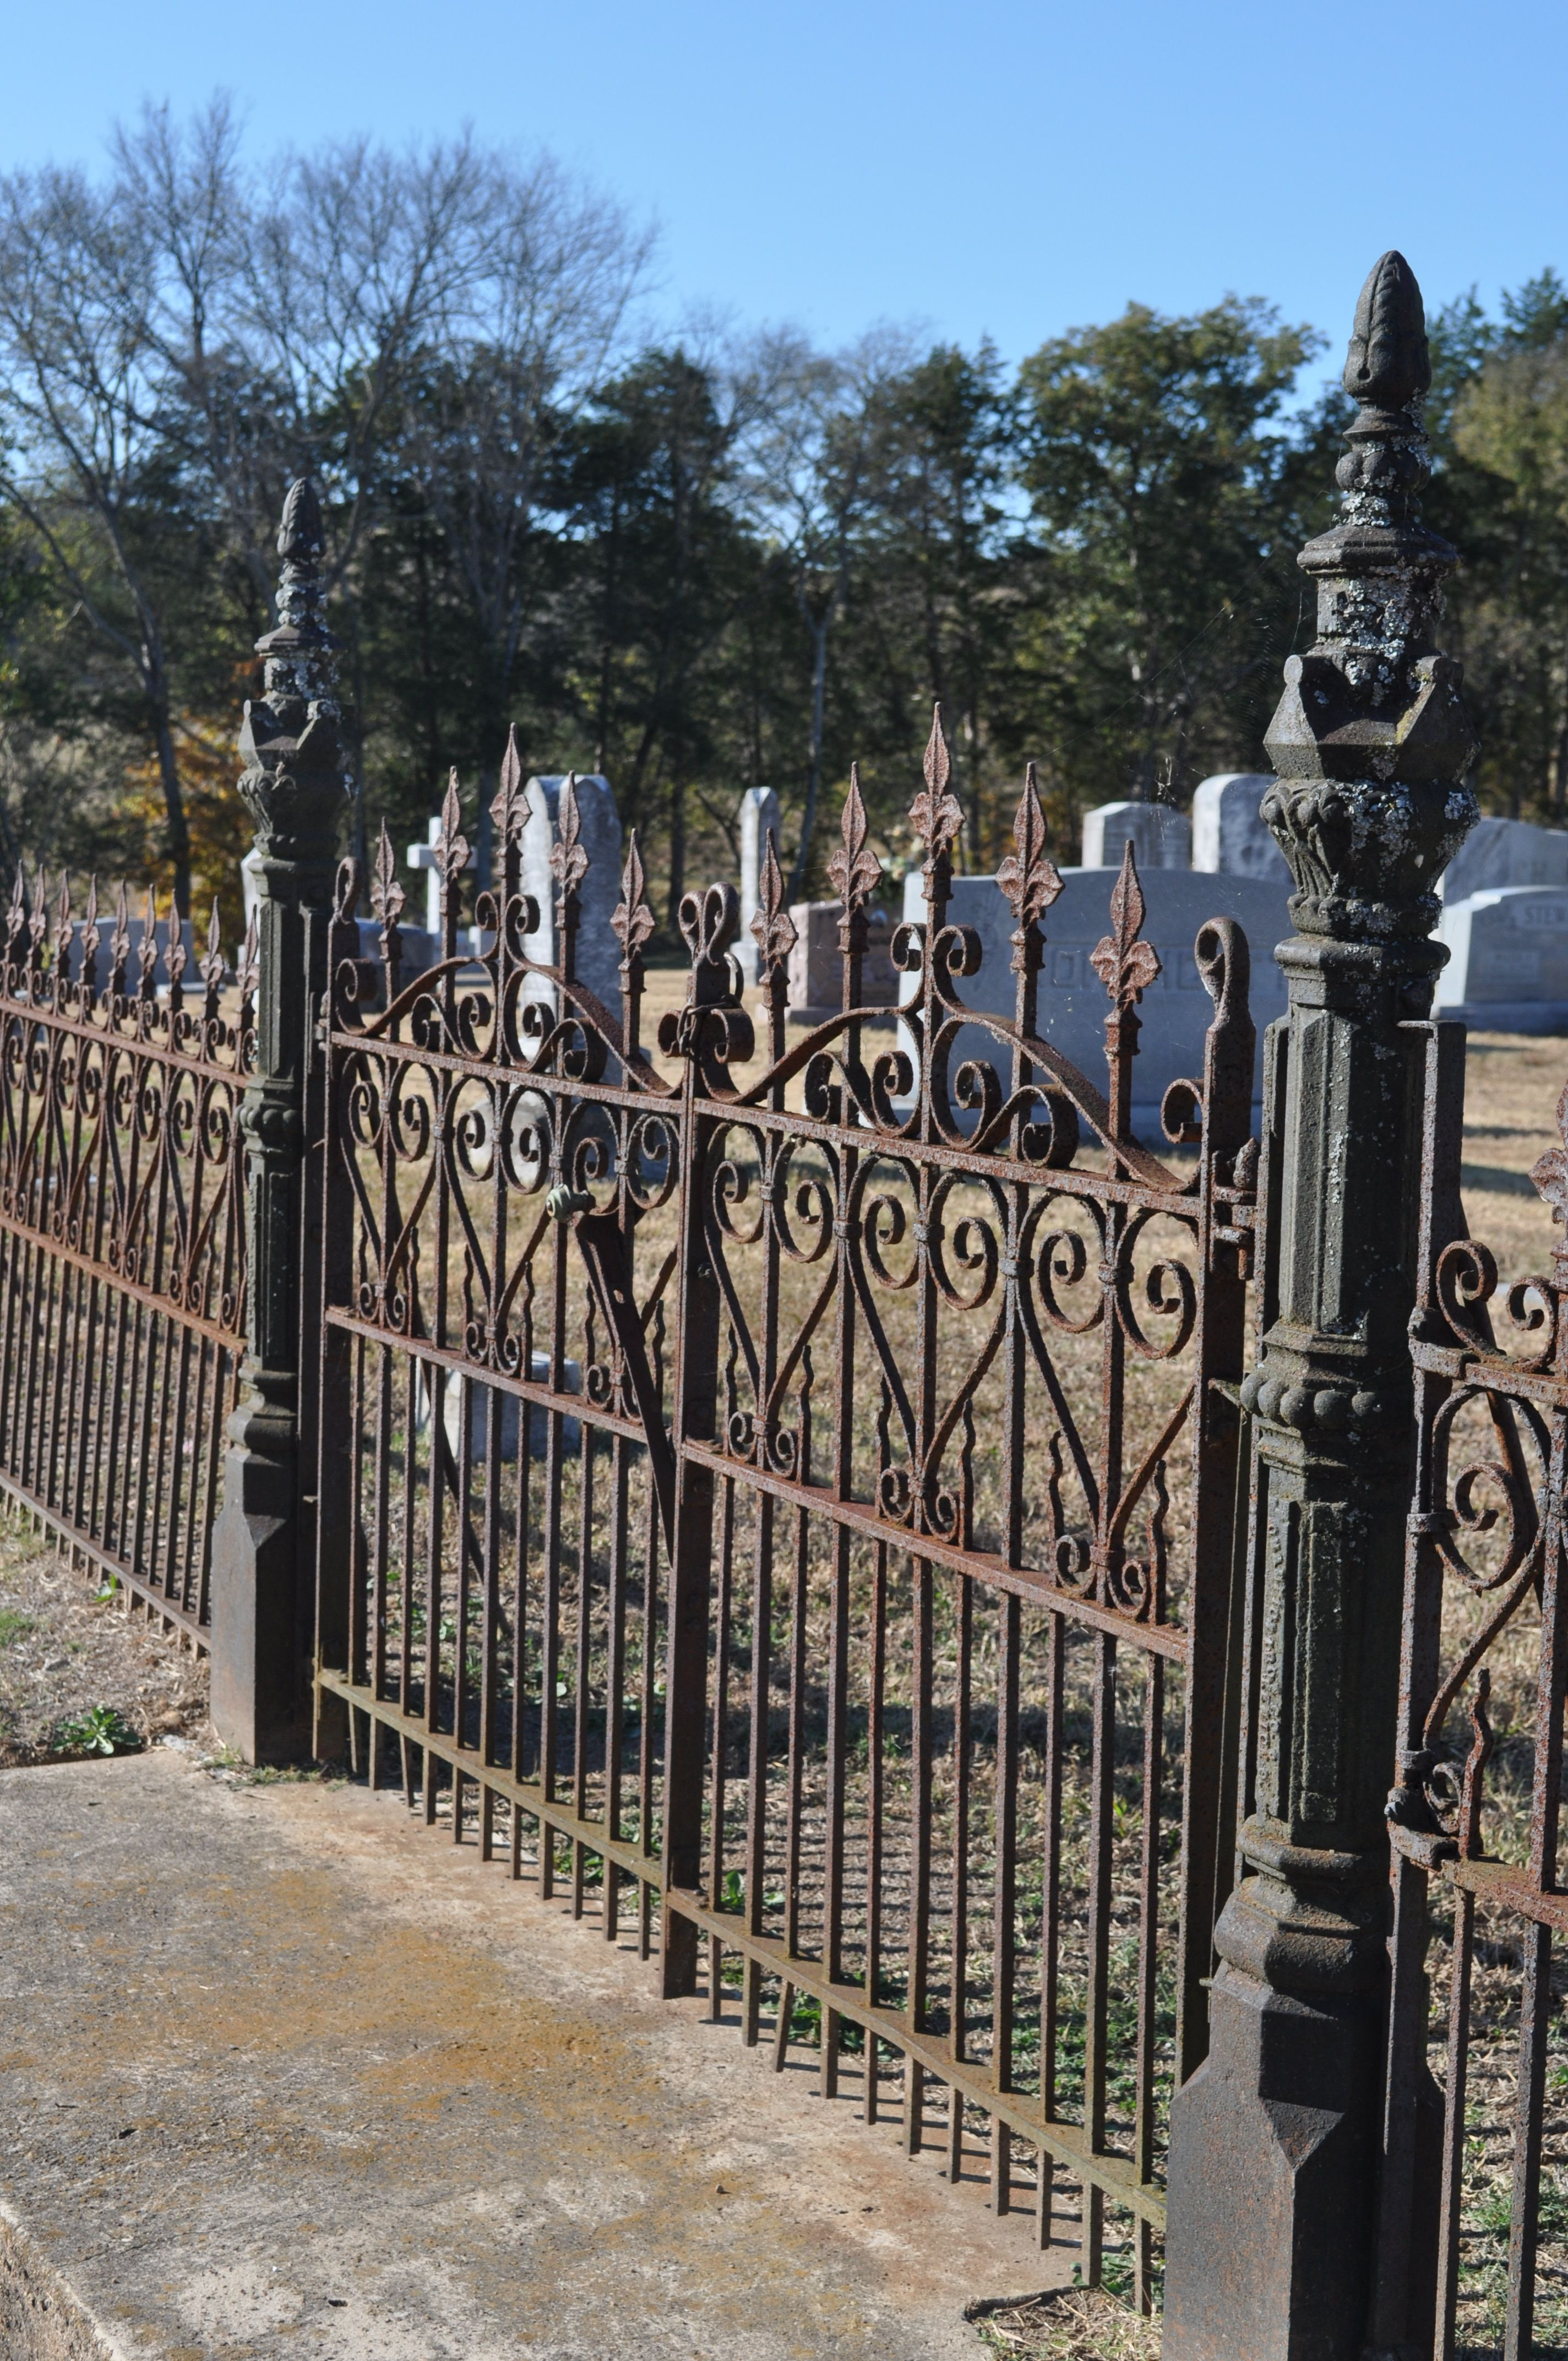 Iron Fence With Images Iron Fence Iron Gates